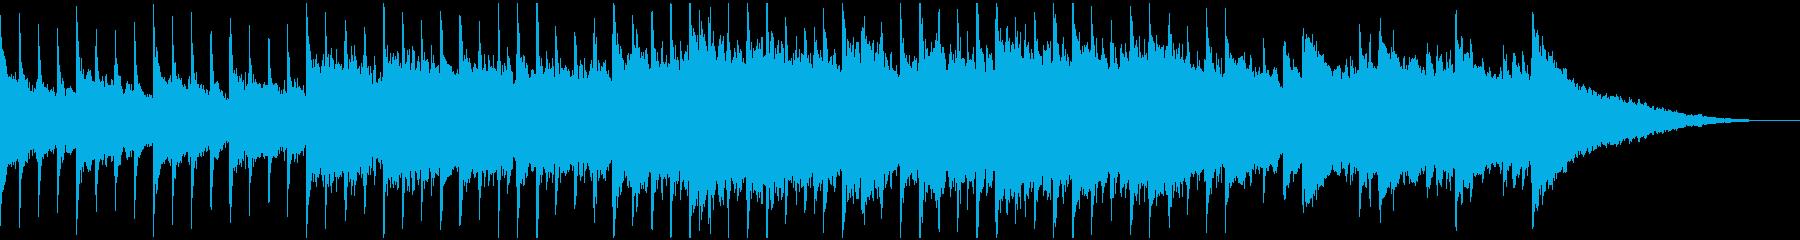 60秒,企業VP,コーポレート,優しいの再生済みの波形